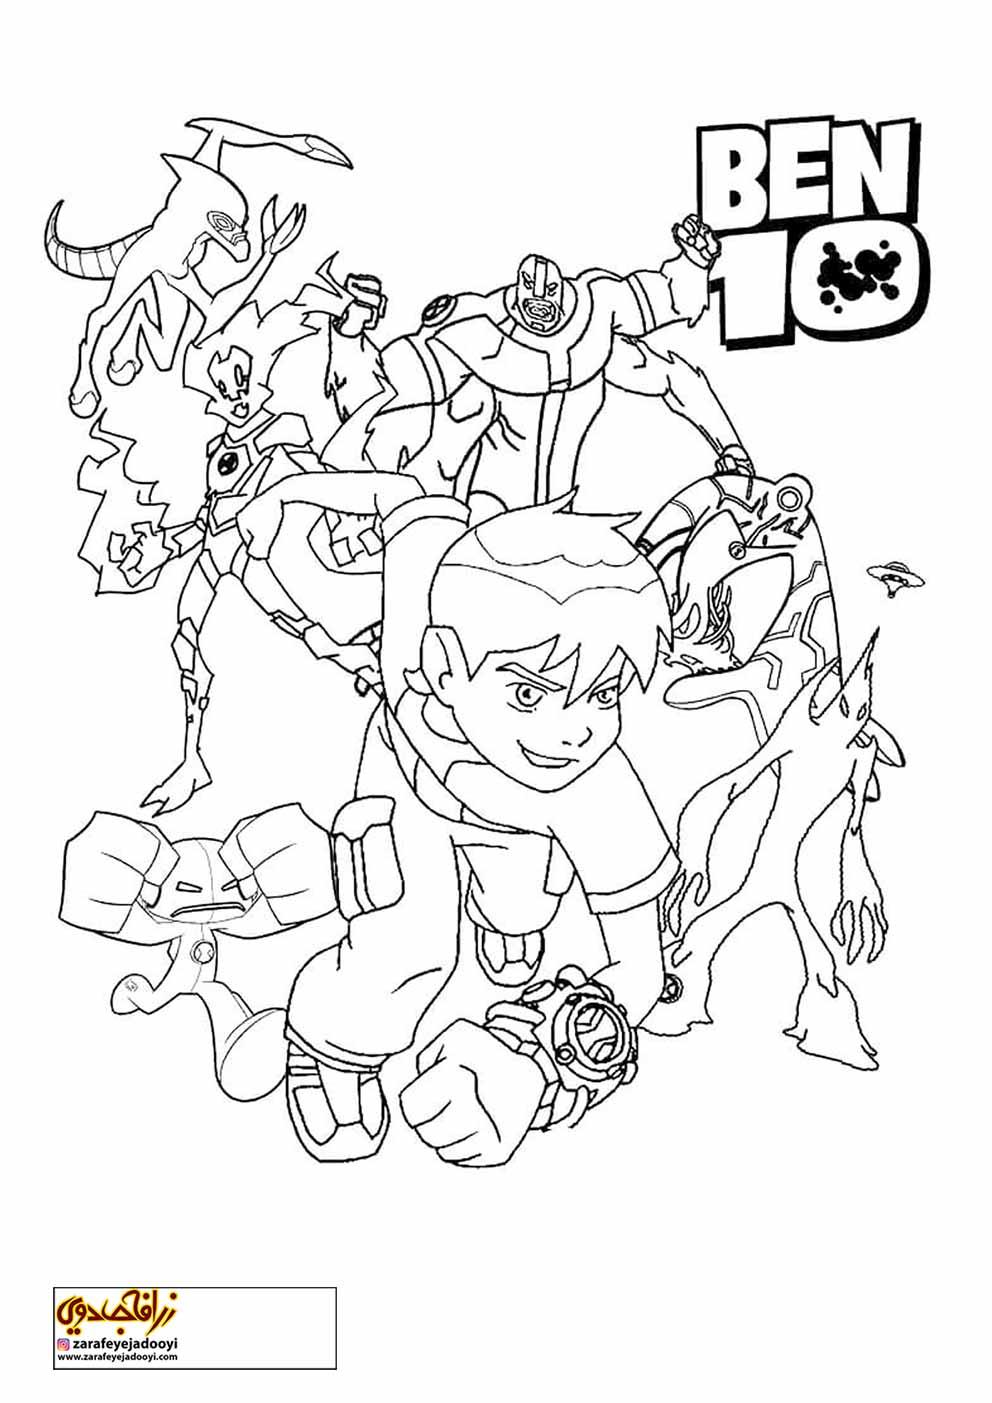 زرافه-جادویی-نقاشی-کارتون-بن-تن-09